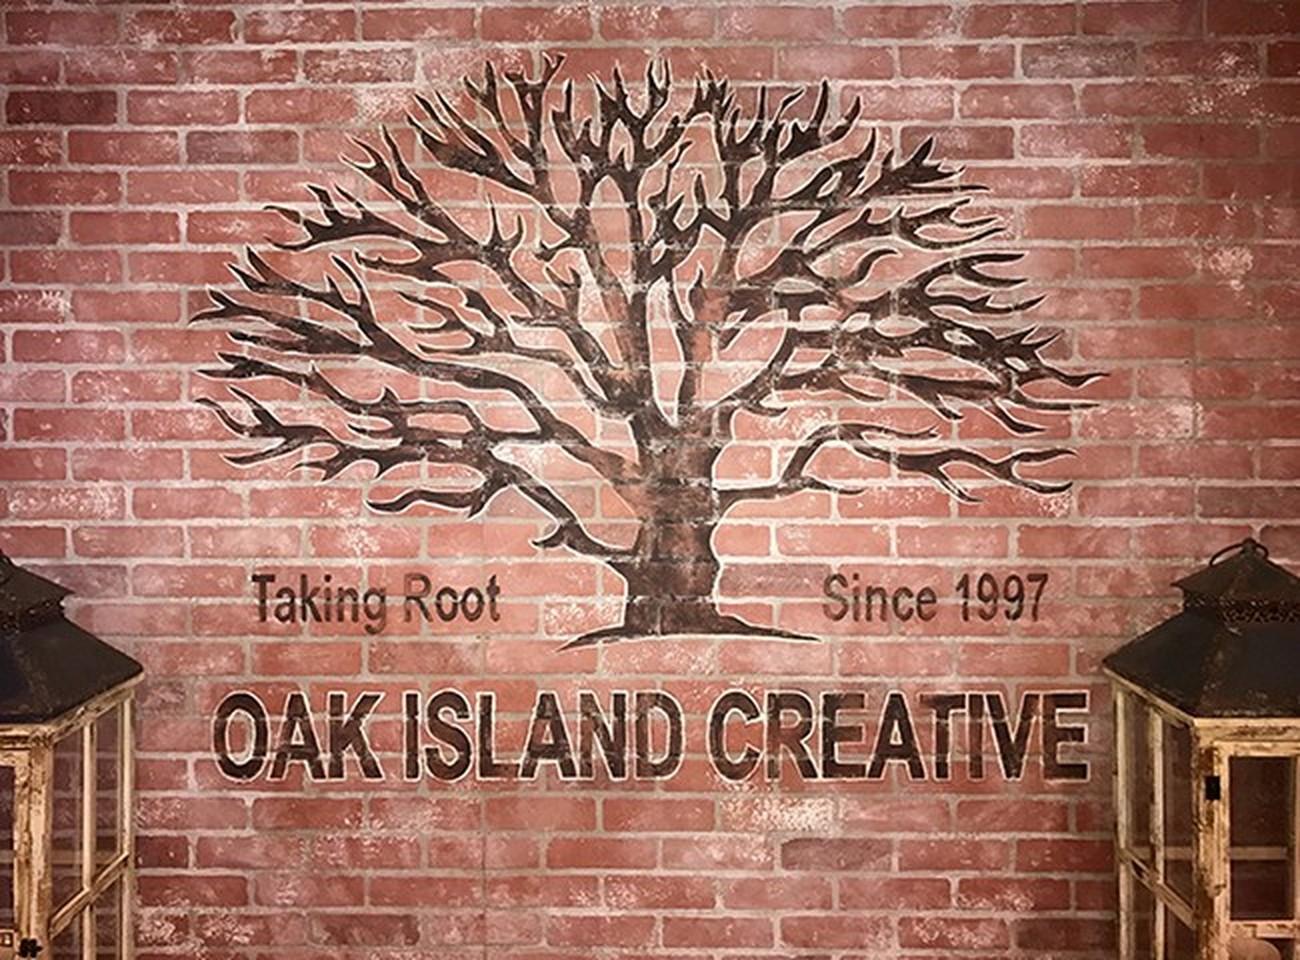 Oak Island Creative Careers